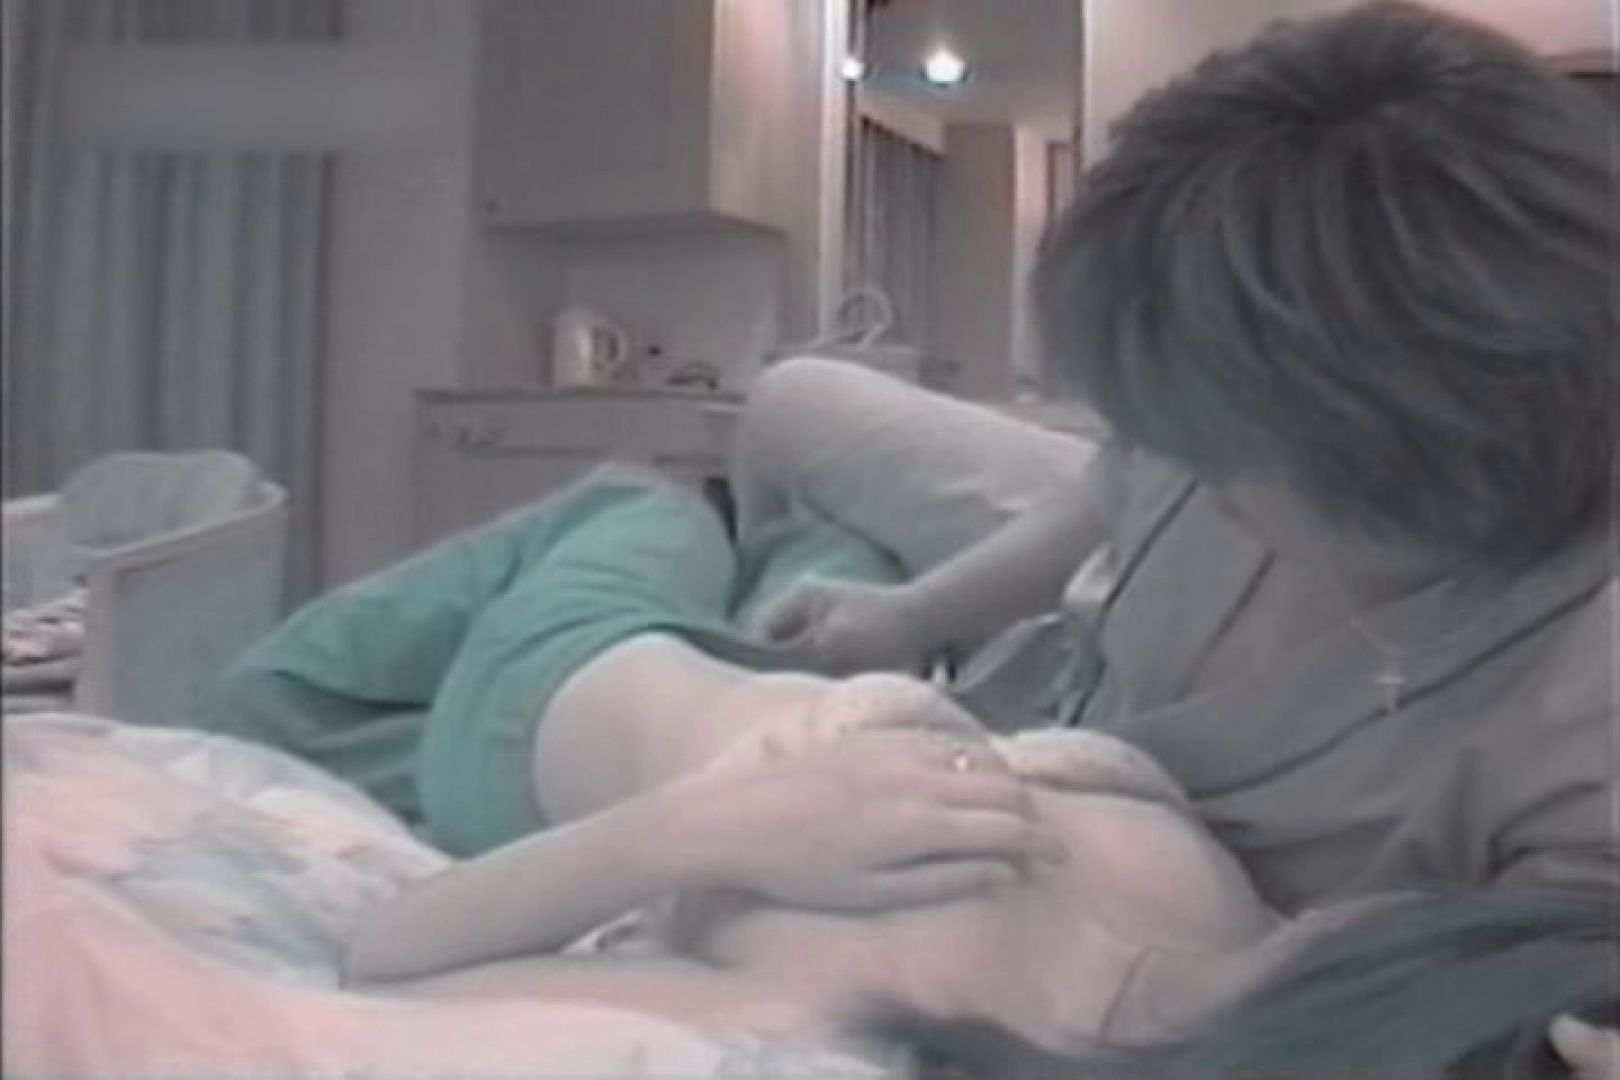 素人嬢をホテルに連れ込みアンナ事・コンナ事!?Vol.8 ナンパ AV無料動画キャプチャ 66pic 47